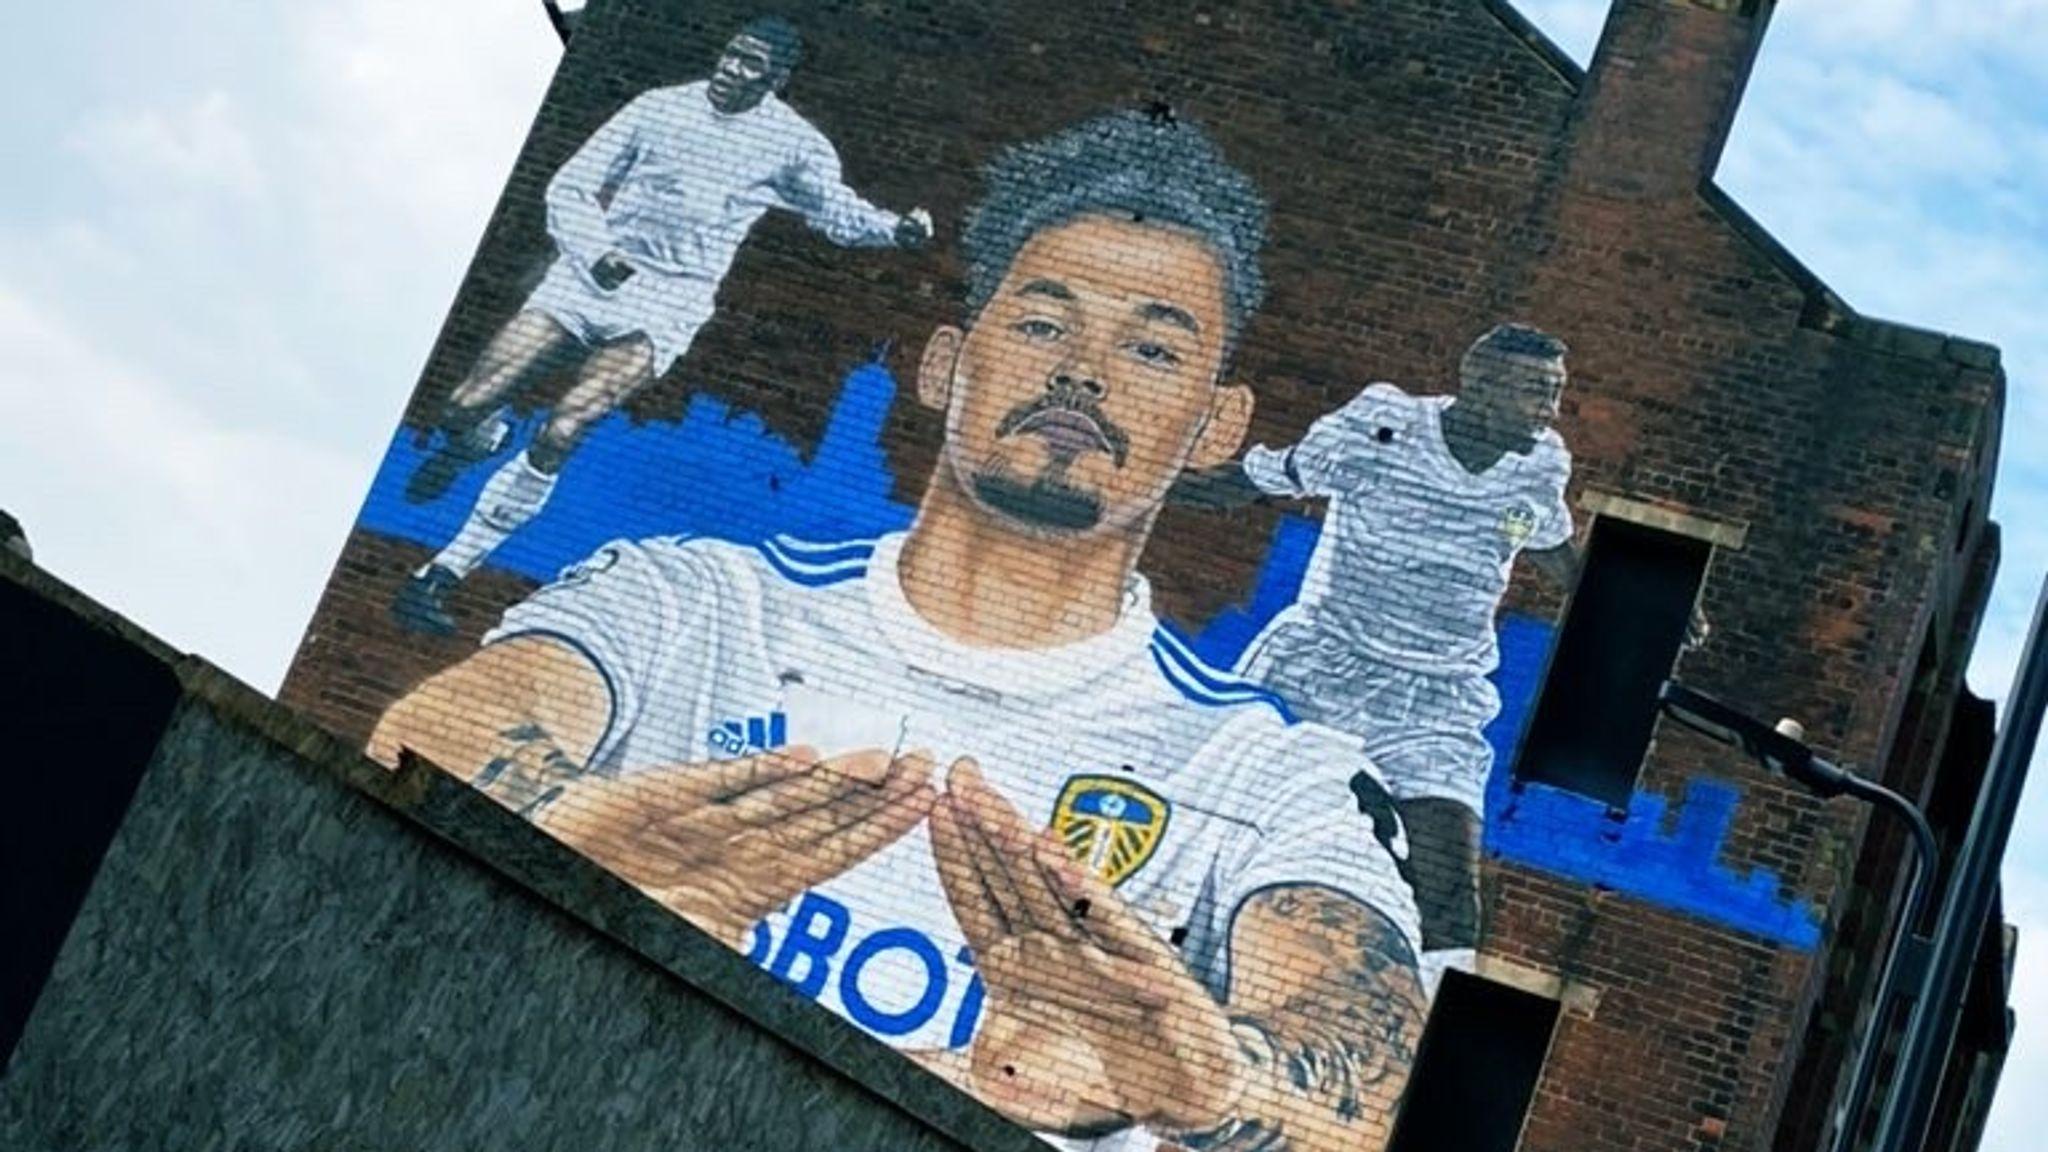 Philipps được người hâm mộ Yorkshire tôn vinh bằng những bức tranh tường ở thành phố Leeds. Ảnh: Sky Sports